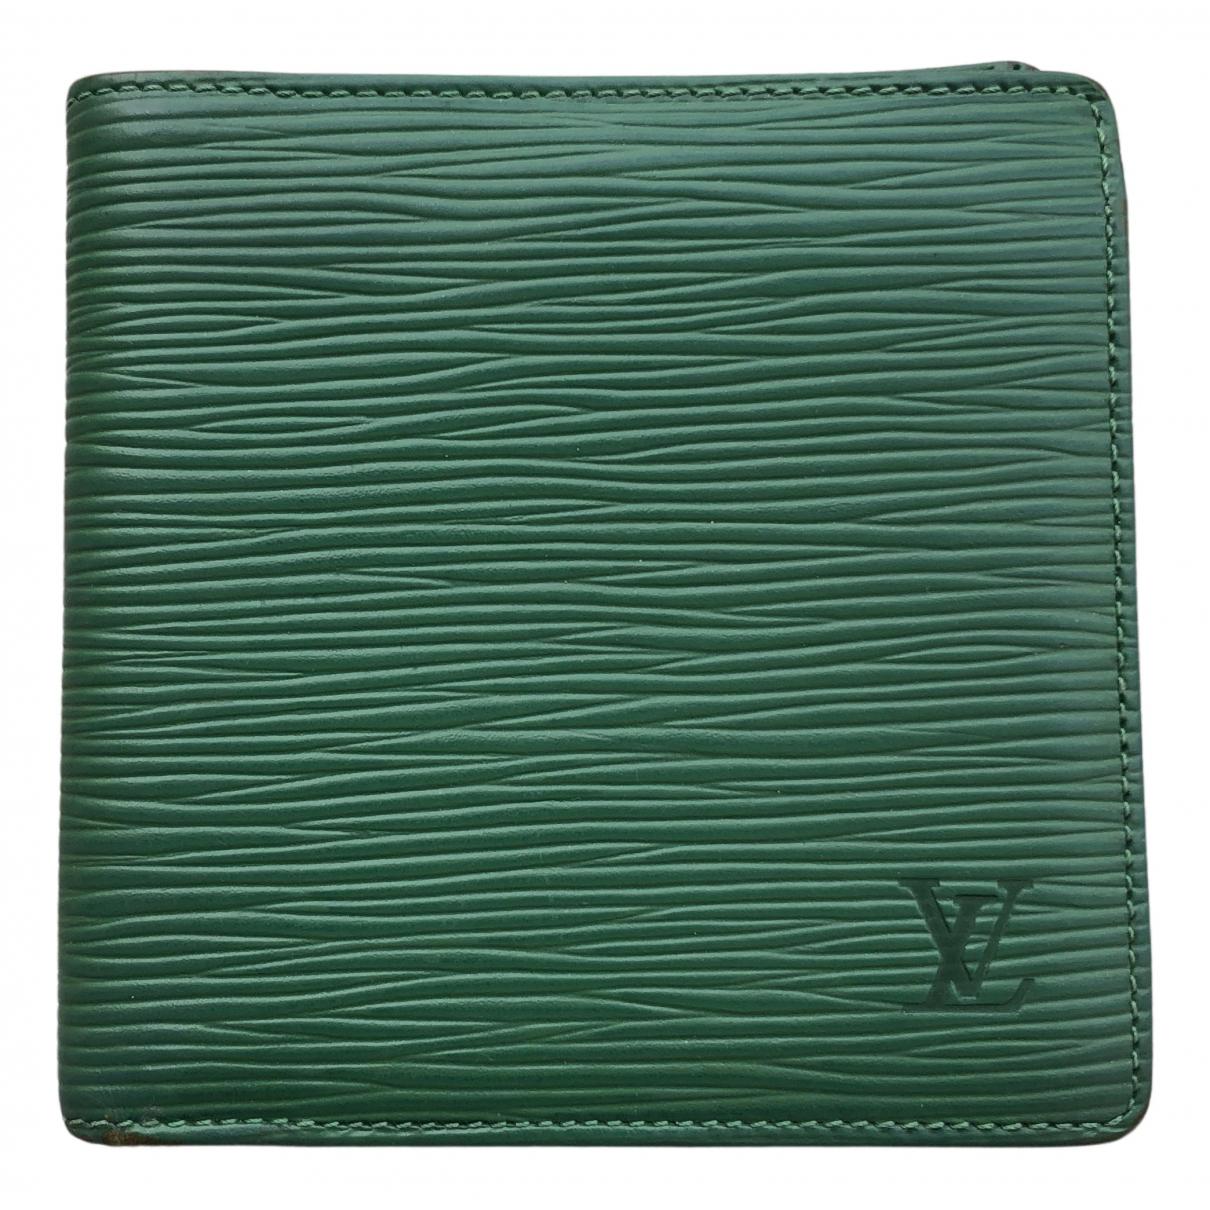 Louis Vuitton - Petite maroquinerie   pour femme en toile - vert